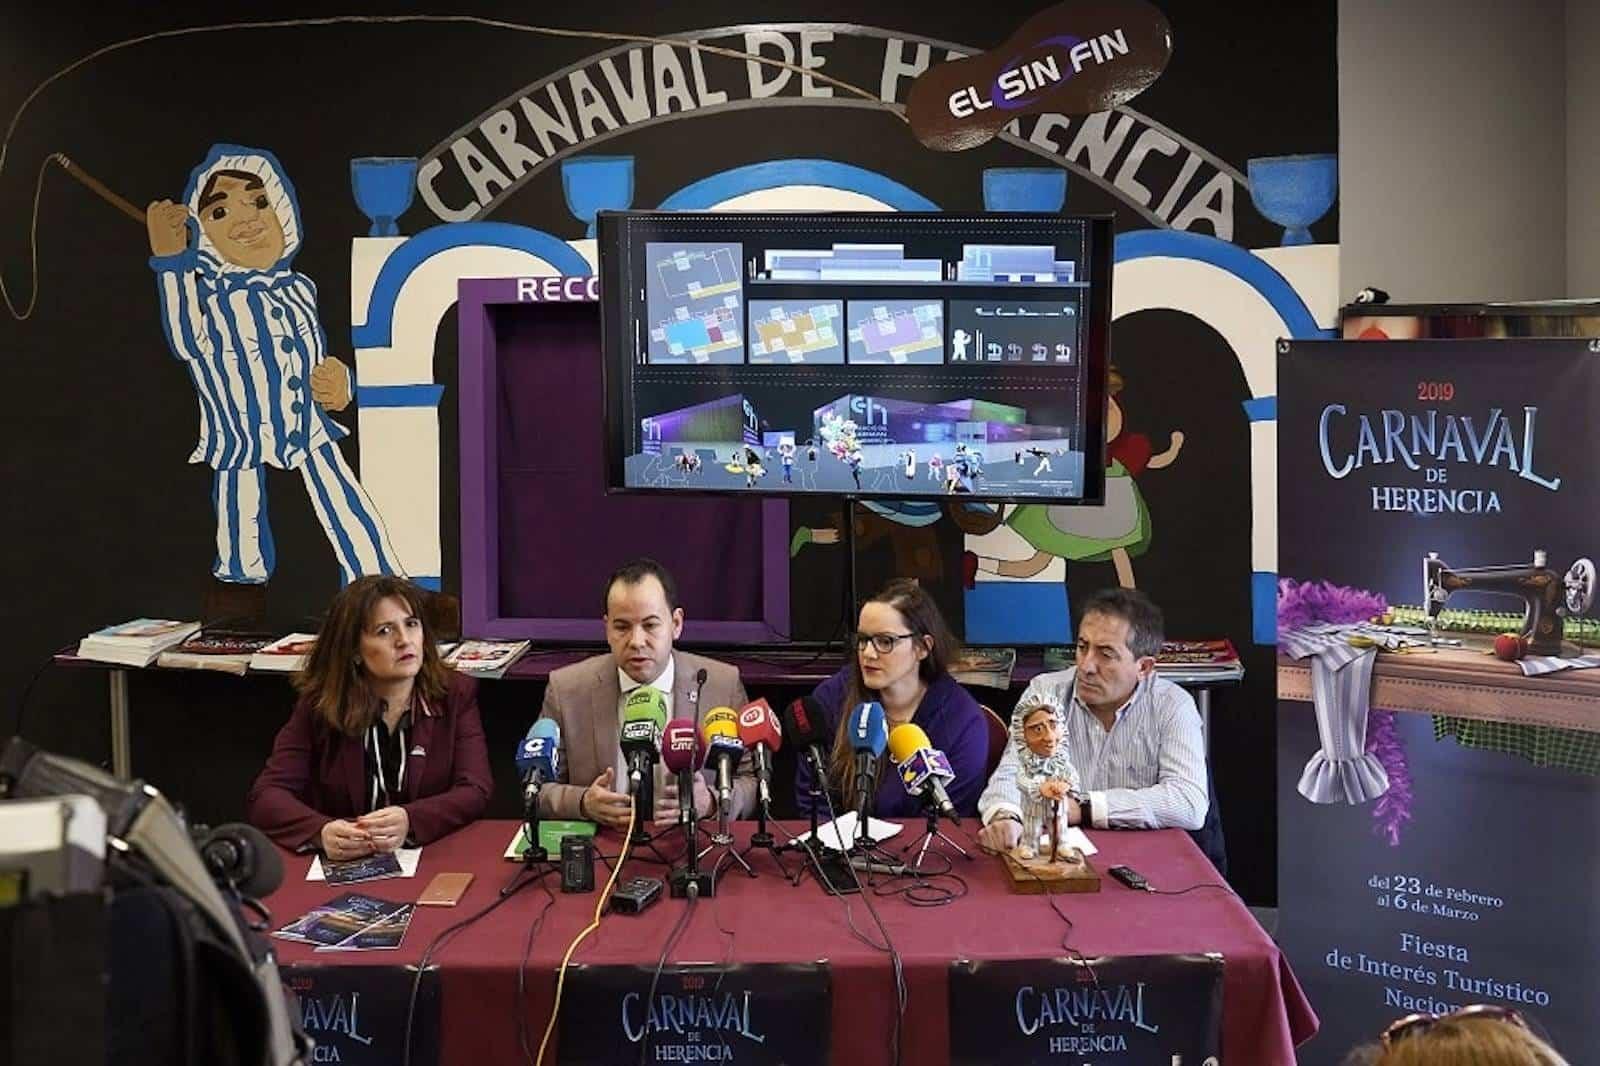 Carnaval de Herencia 2019 Presentacion Cartel - Presentado oficialmente el Carnaval de Herencia y el futuro Palacio del Carnaval